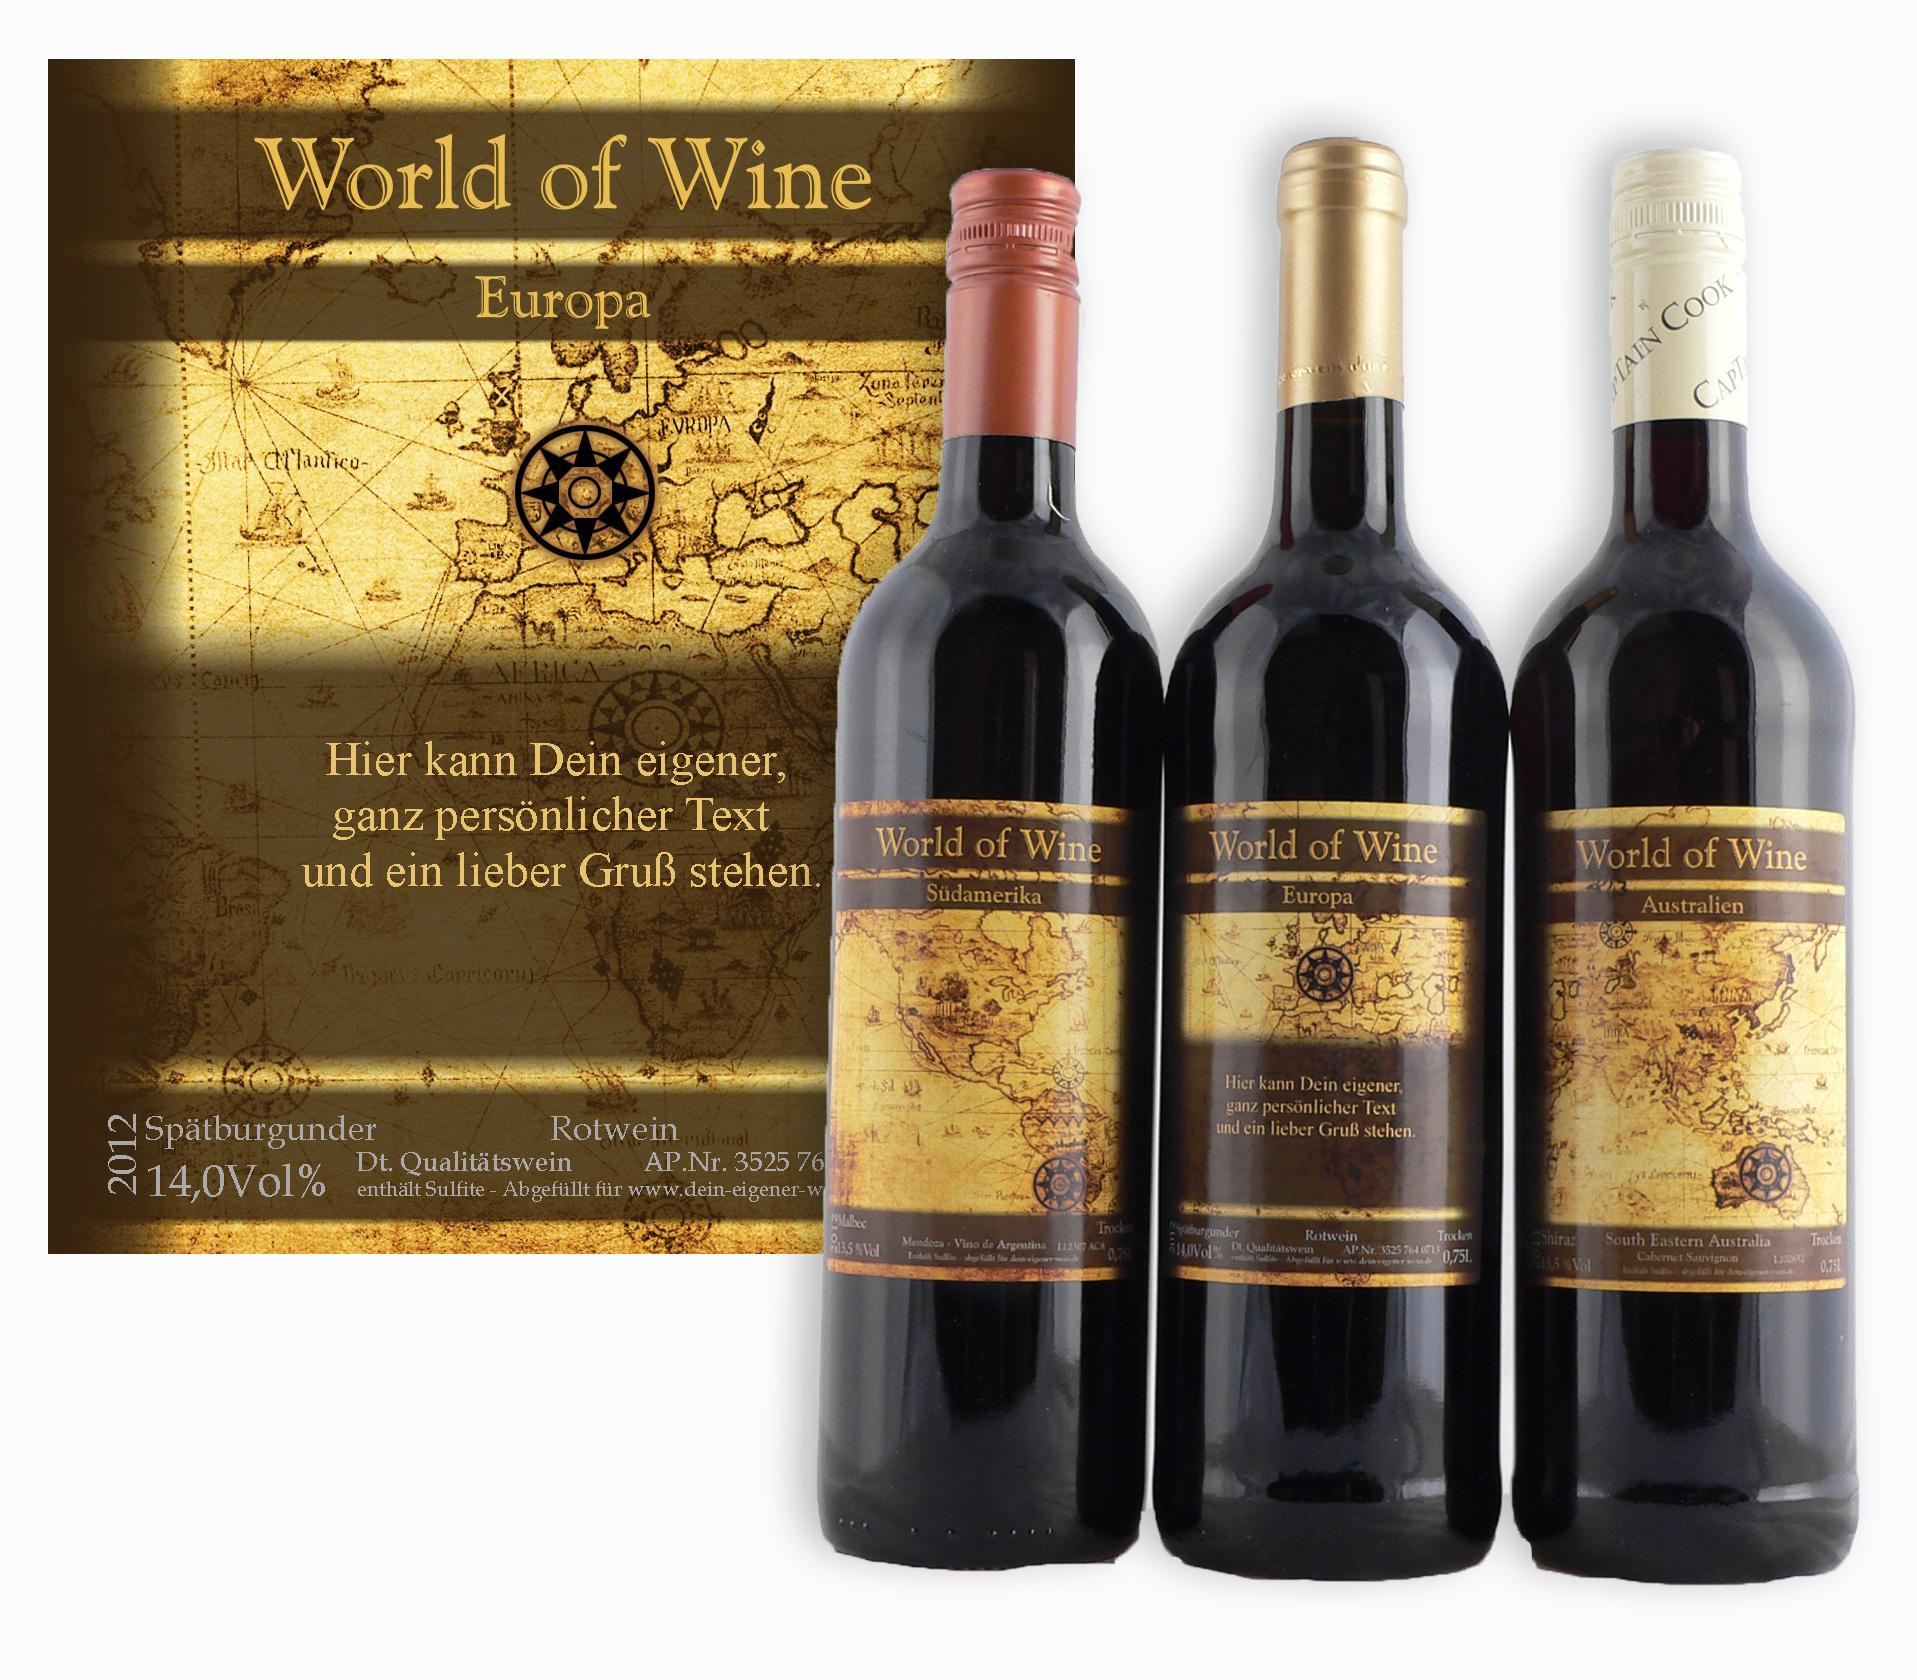 Gestalten Sie Beeindruckende Kitchenes Historischen Charme: Dein Eigener Wein :: PWW-WeltDerWeine: Welt Der Weine